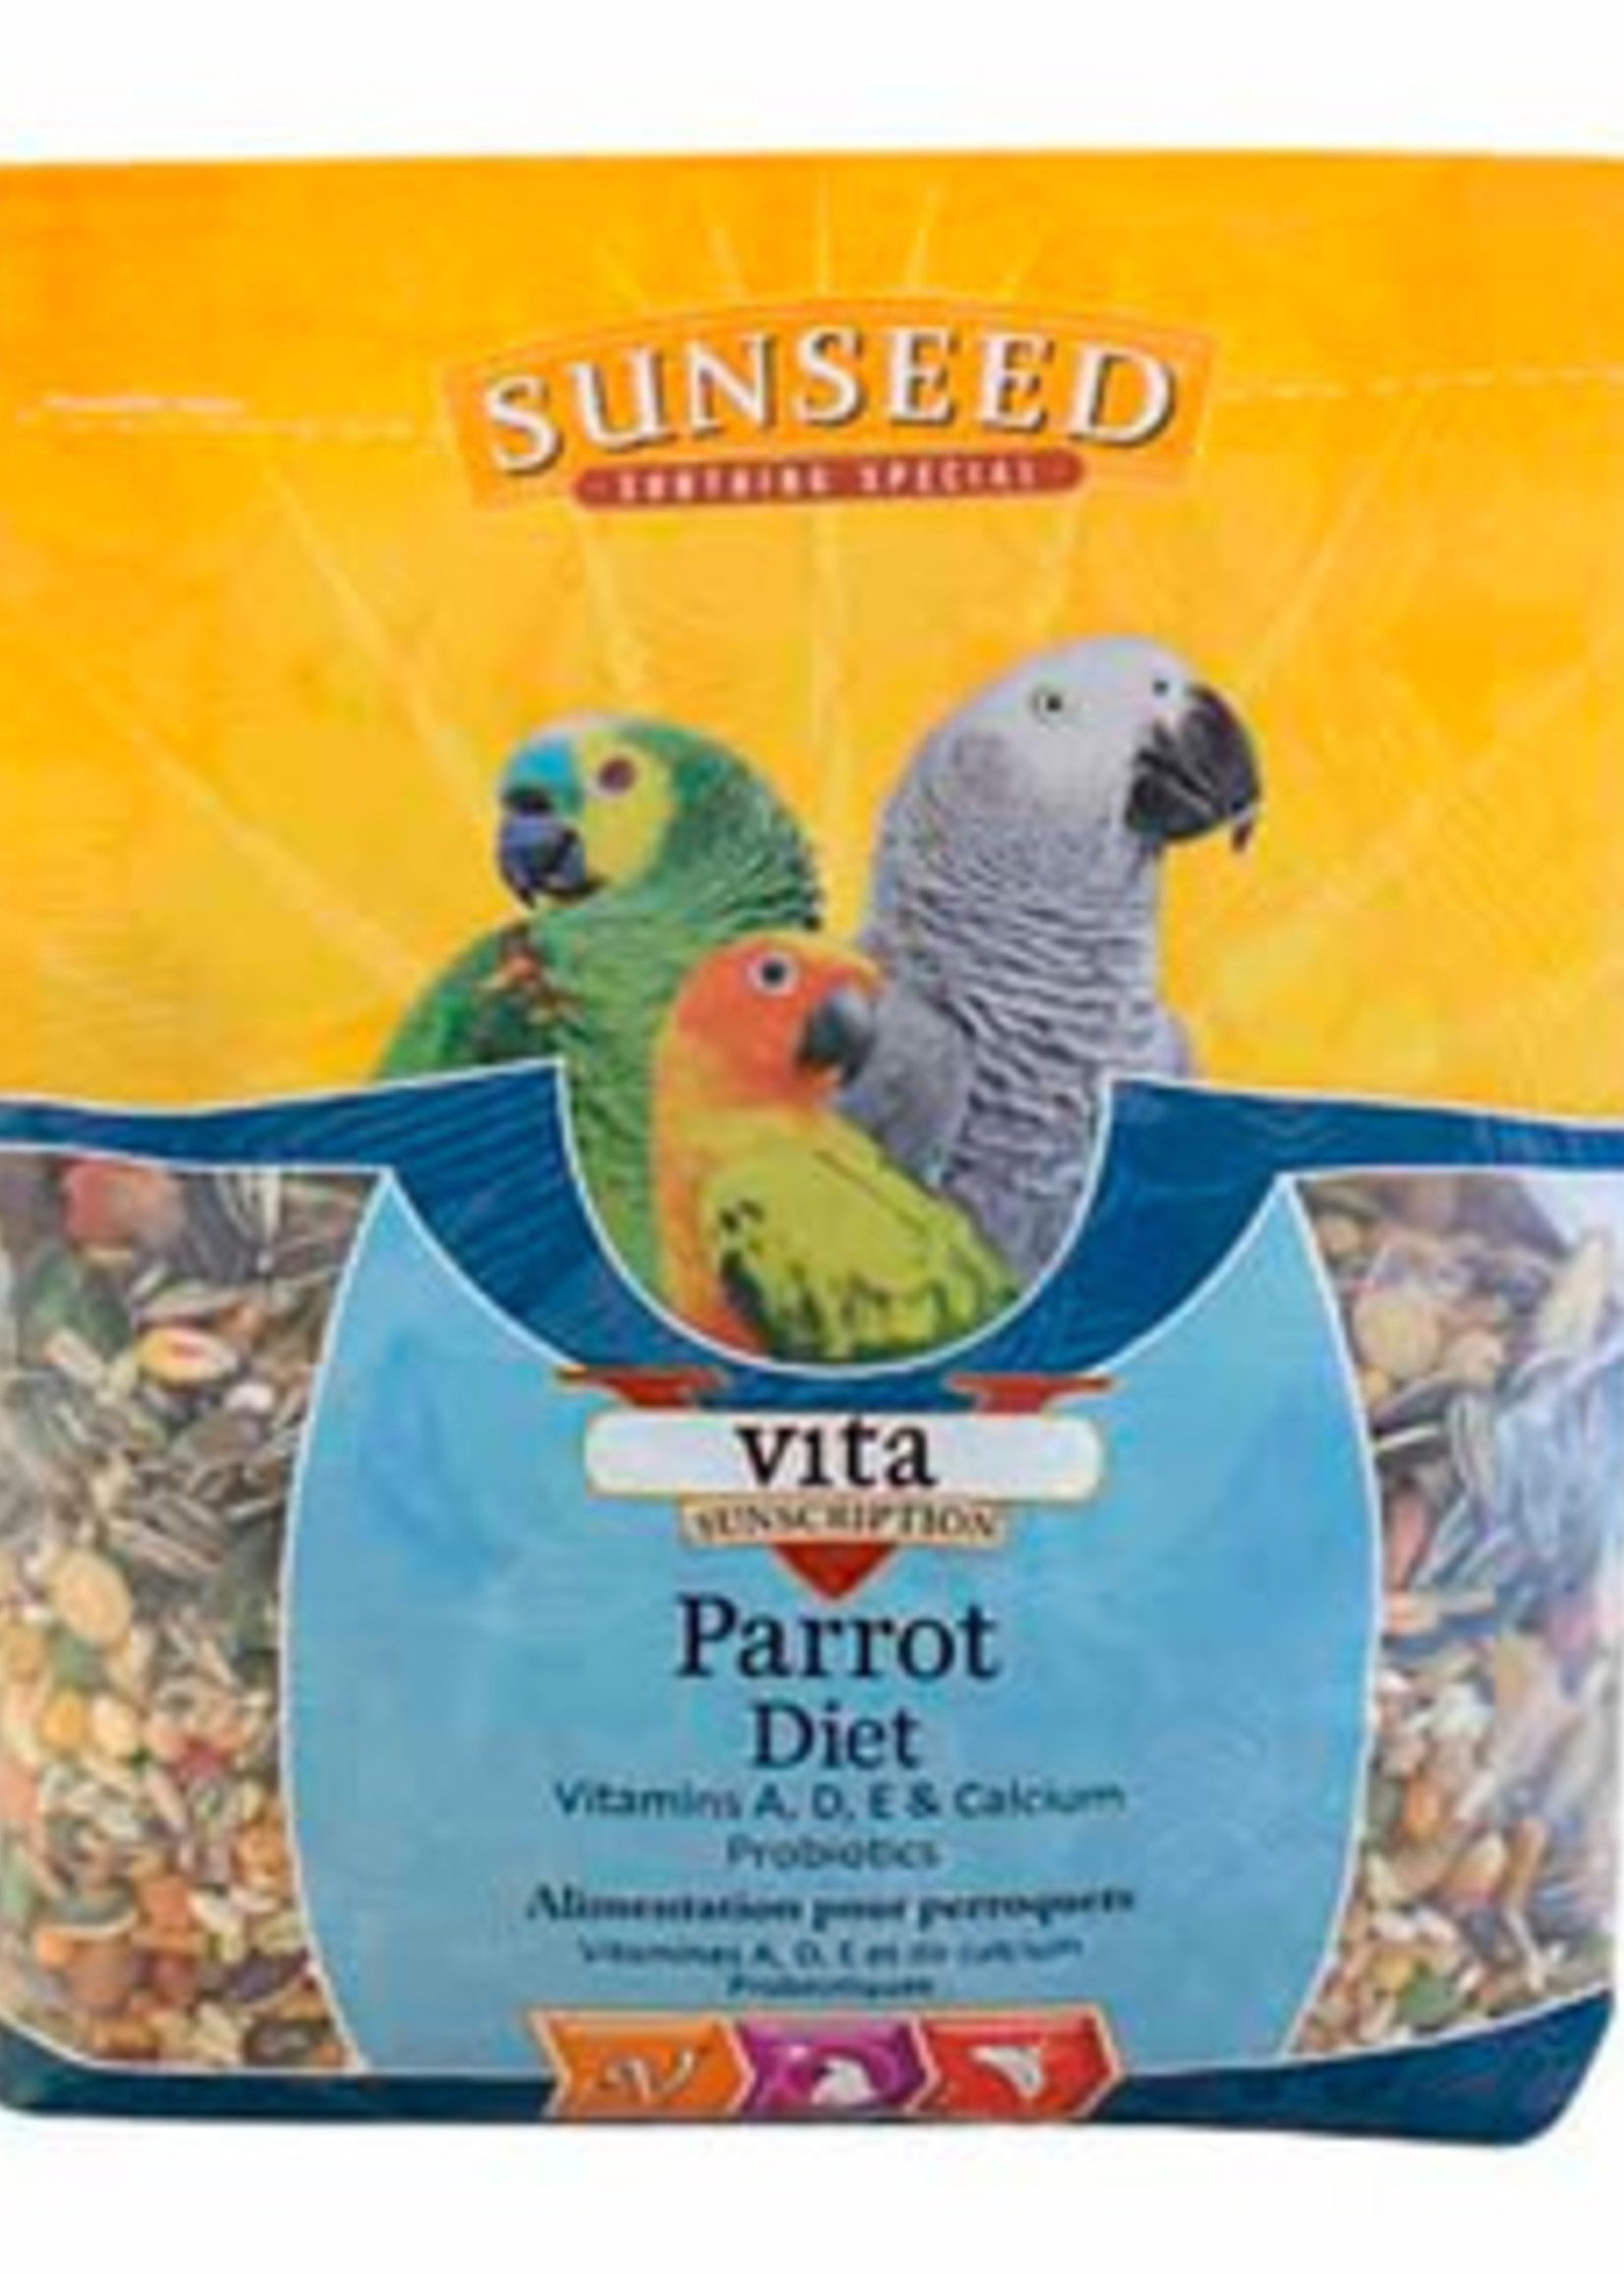 Sunseed® Sunseed Vita Sunscription®  Parrot Diet 3.5lbs